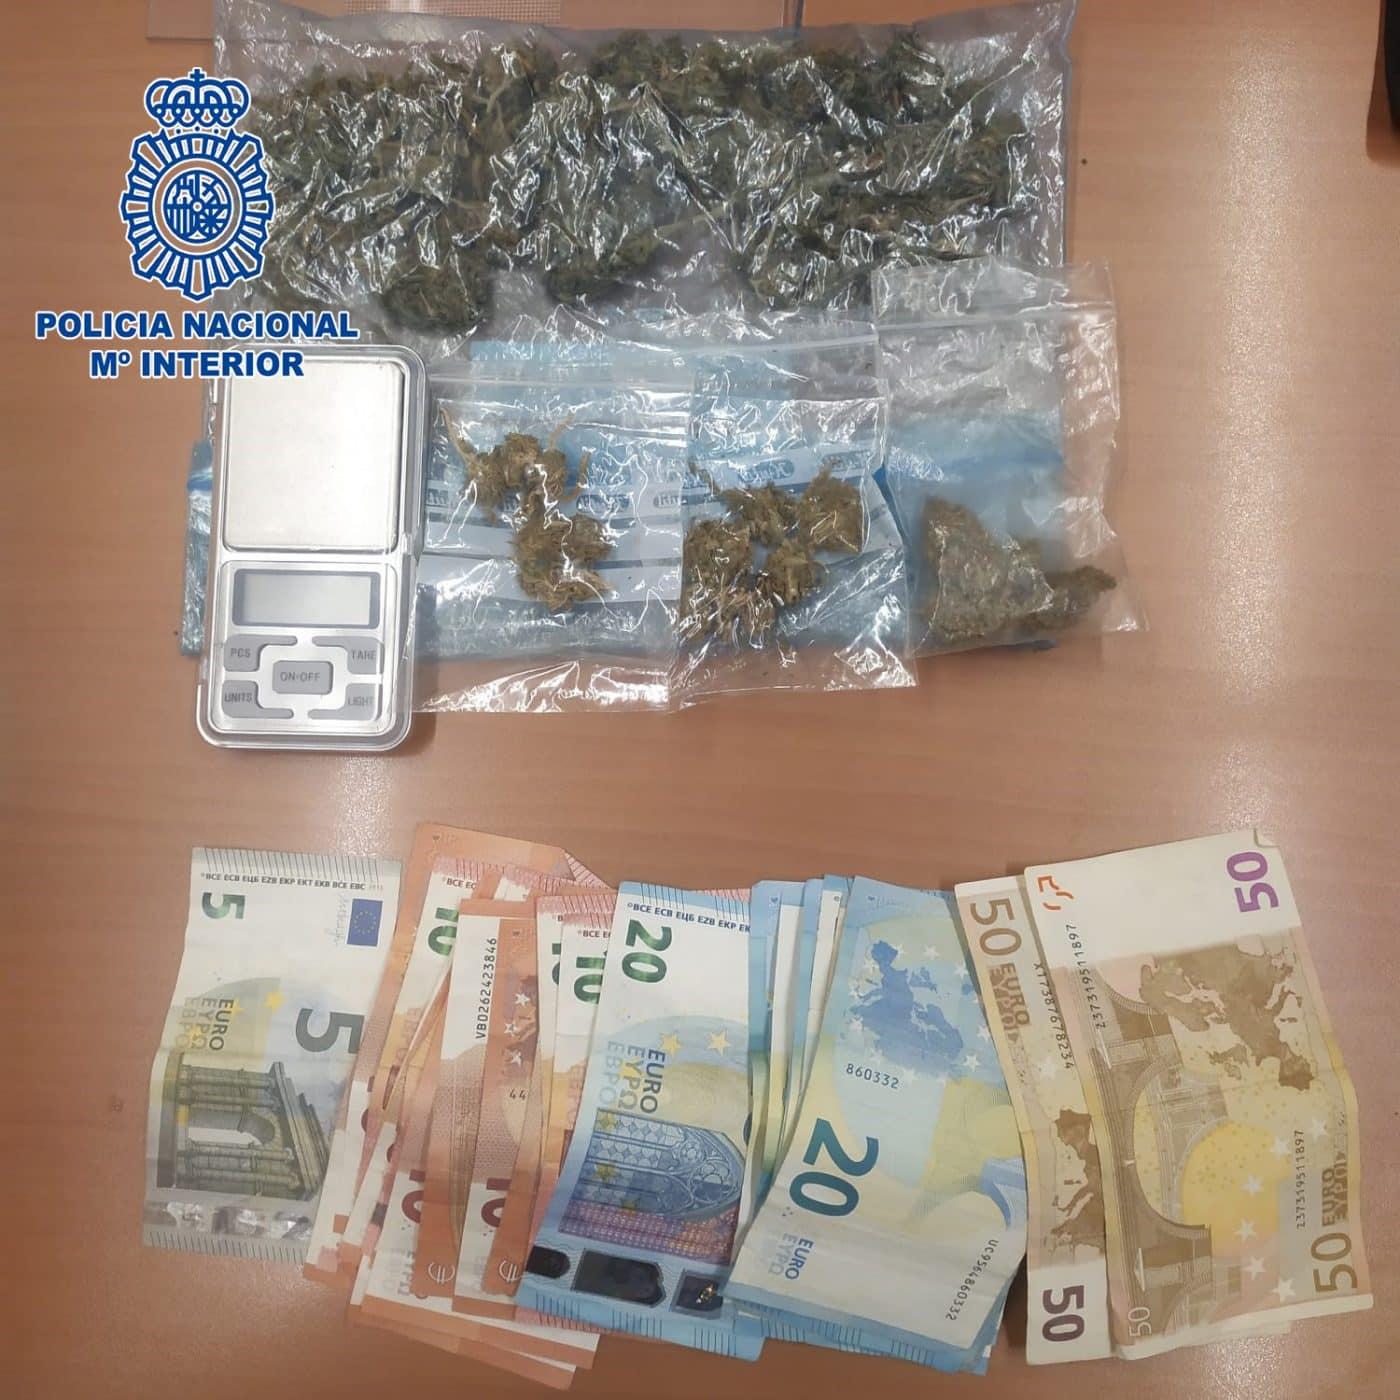 Interceptan en una persecución en Logroño un coche que transportaba droga 1